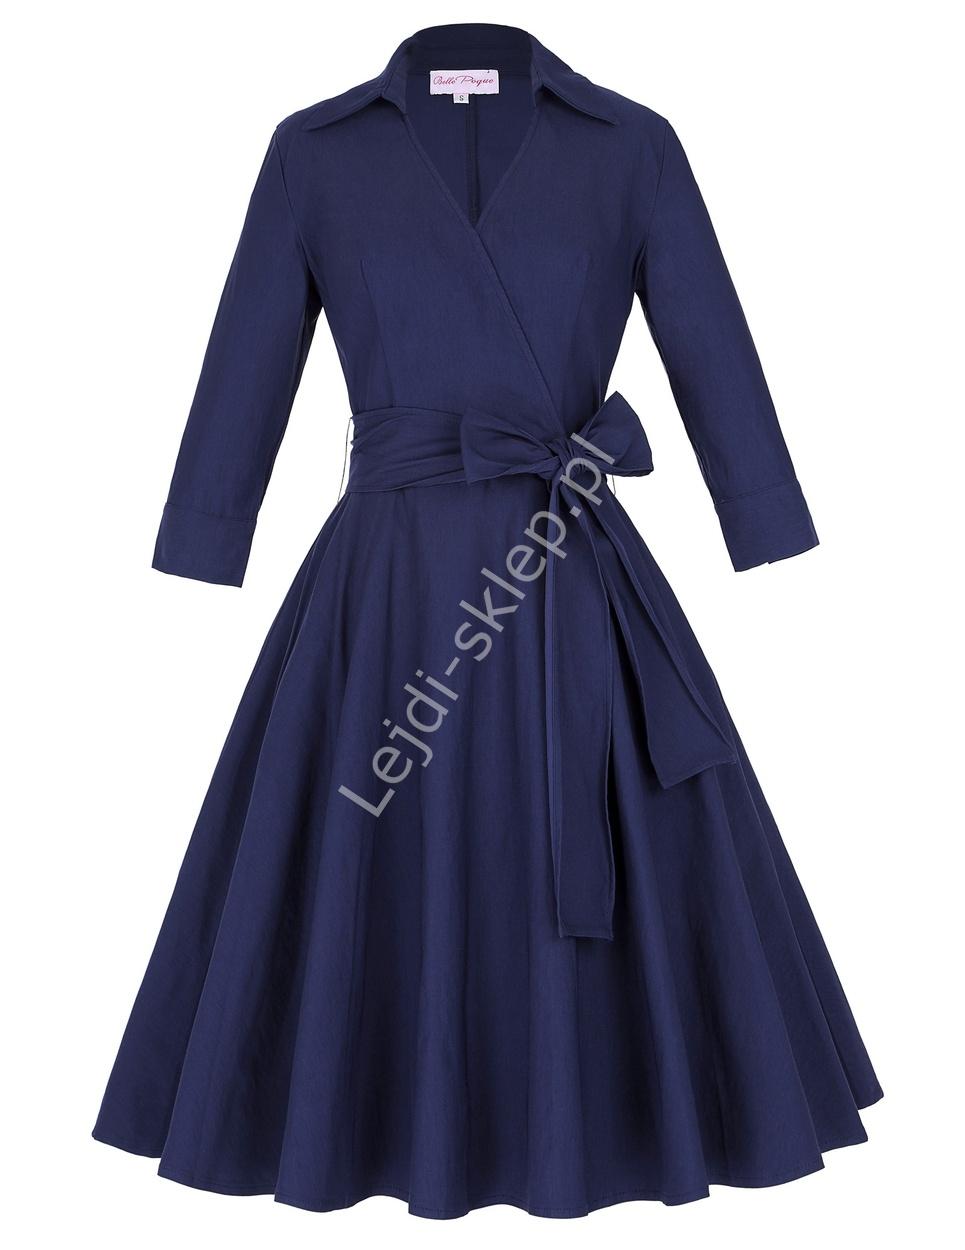 Granatowa bawełniana sukienka w stylu retro | sukienka lata 60-te z kopertowym dekoltem - Lejdi